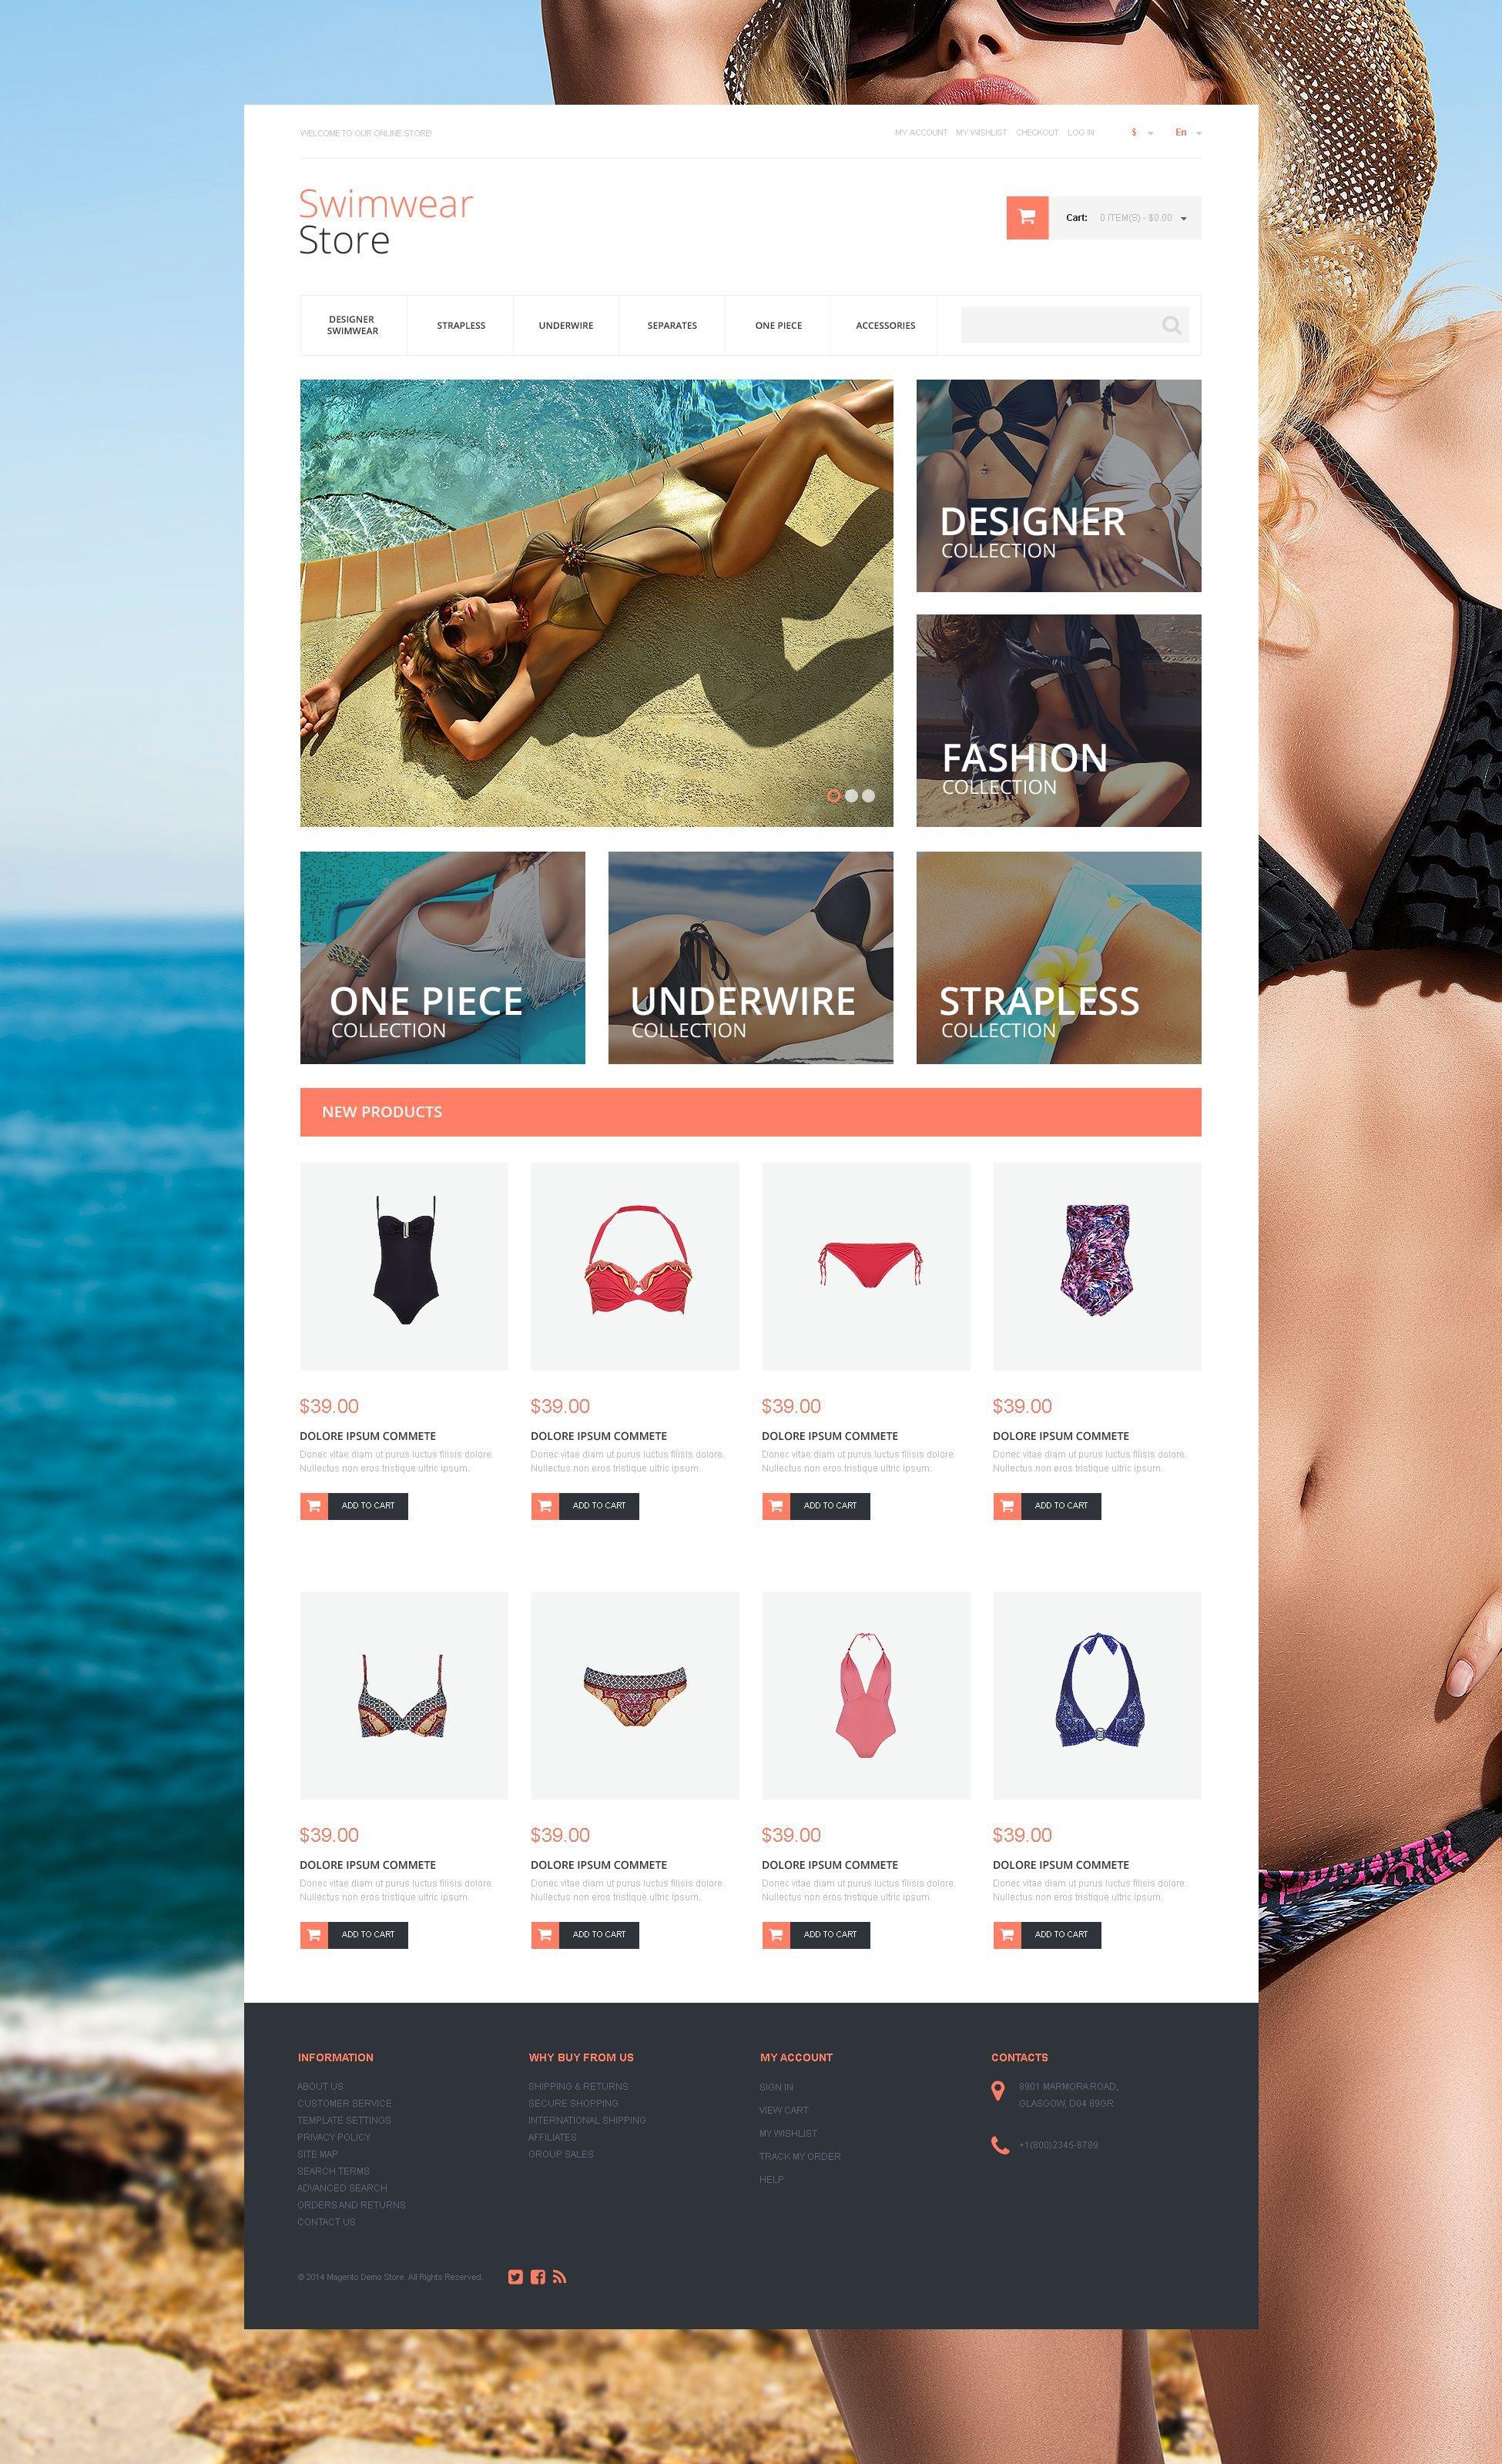 Responsywny szablon Magento Przepiękne Stroje kąpielowe #55259 - zrzut ekranu